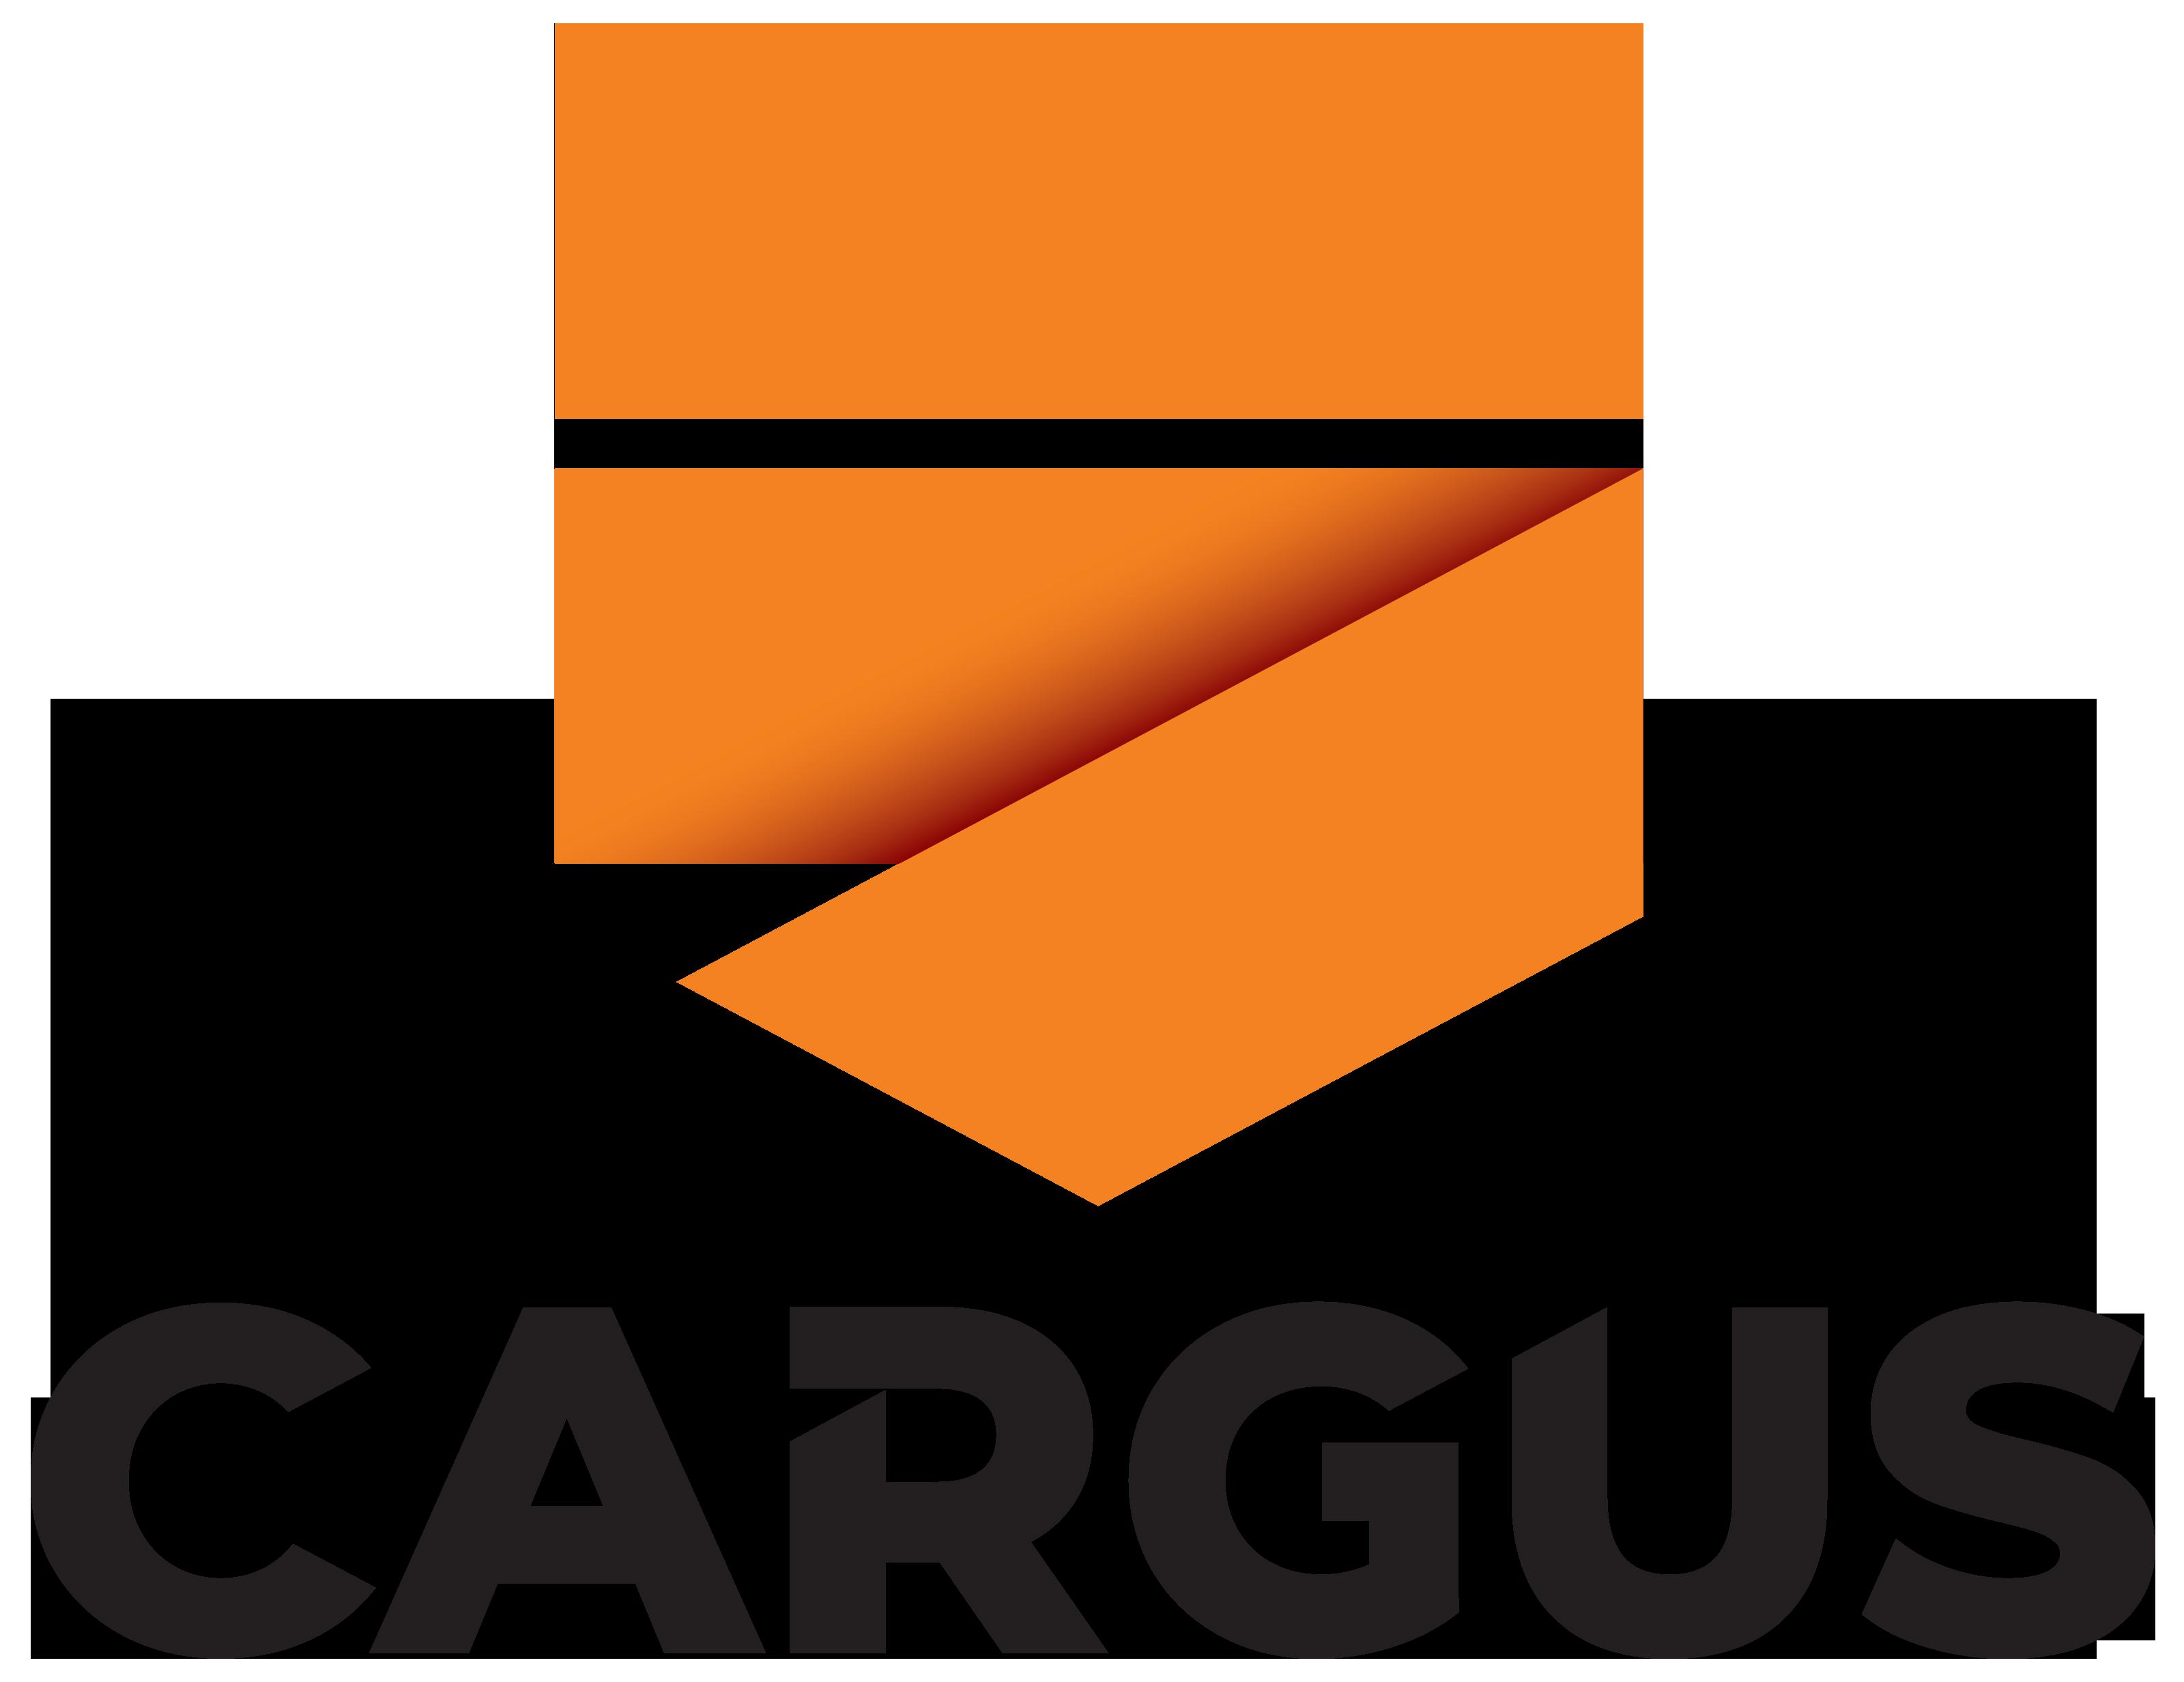 Cargus